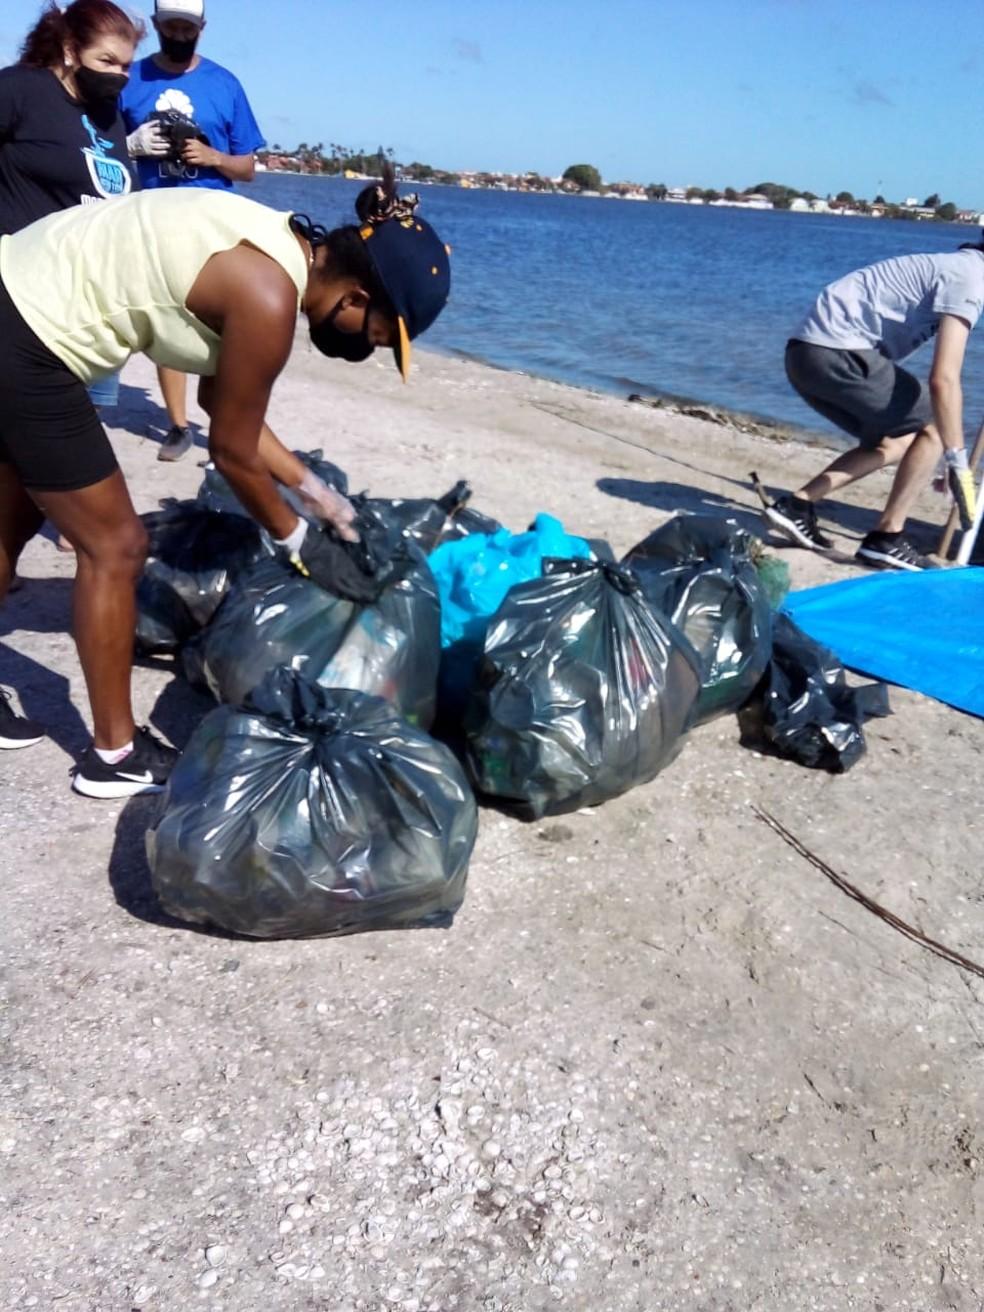 Durante a limpeza da Lagoa das Palmeiras, em Cabo Frio, foram recolhidos de 250 quilos de lixo — Foto: Divulgação Shopping Park Lagos